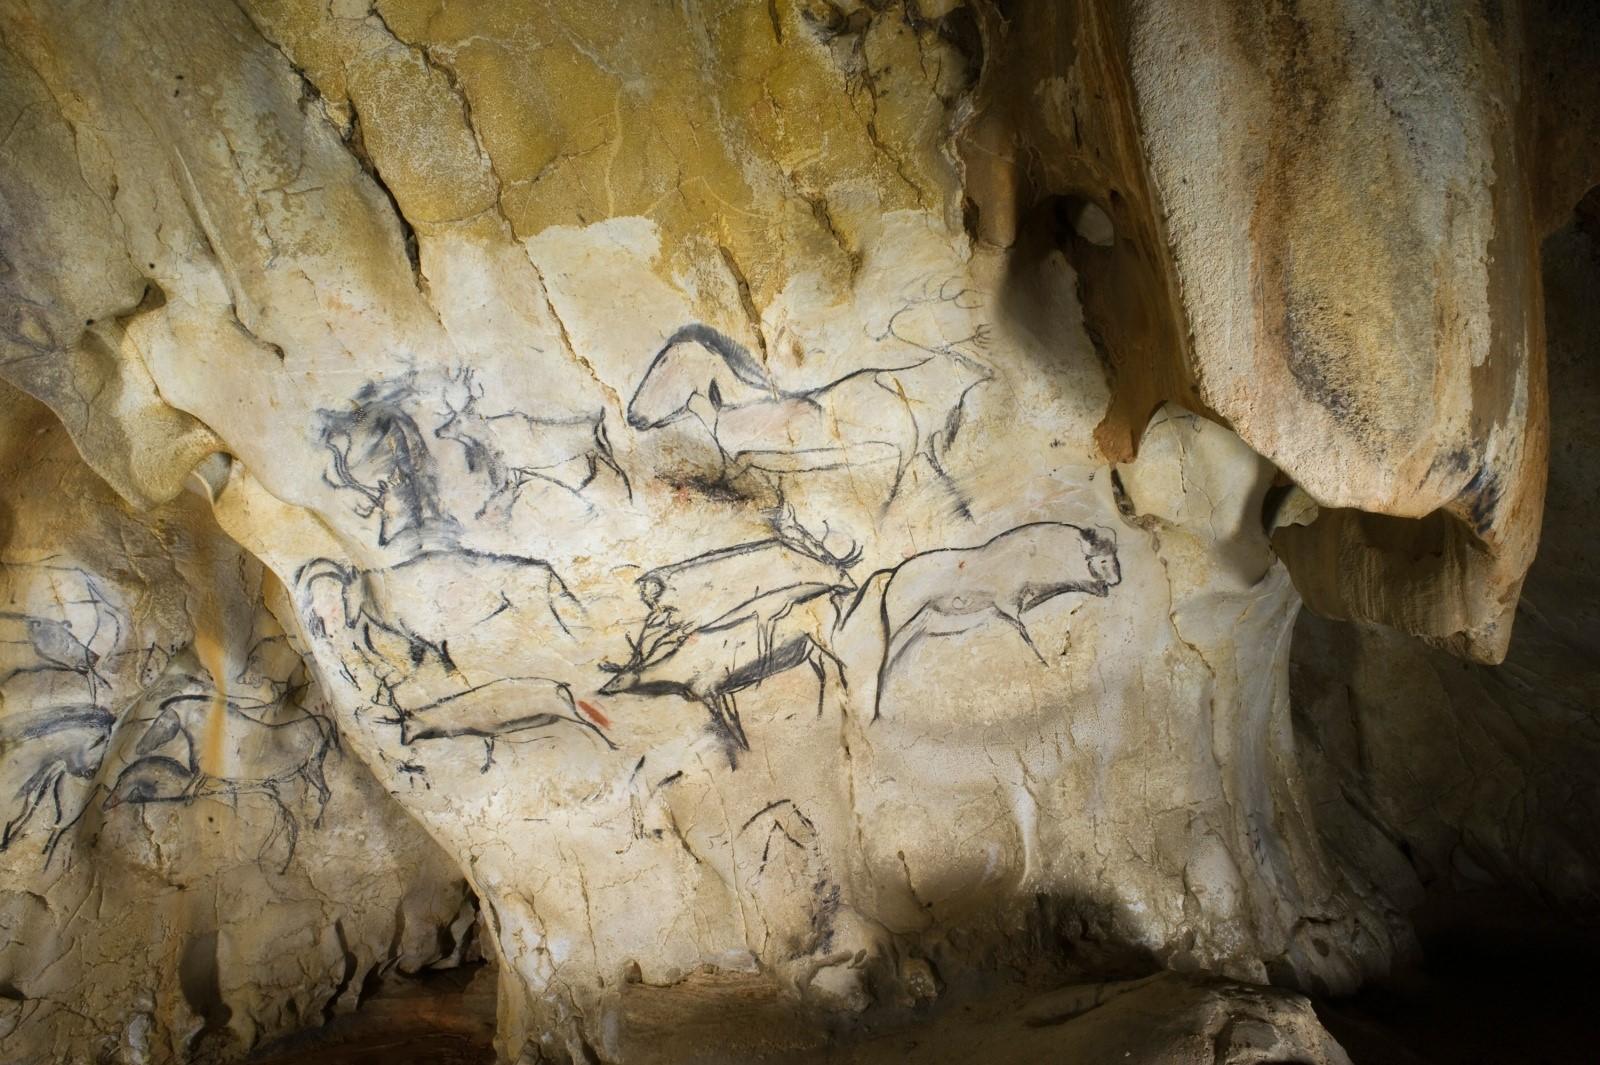 Photo du panneau des rennes de la grotte Chauvet-Pont d'arc, daté au carbone 14.